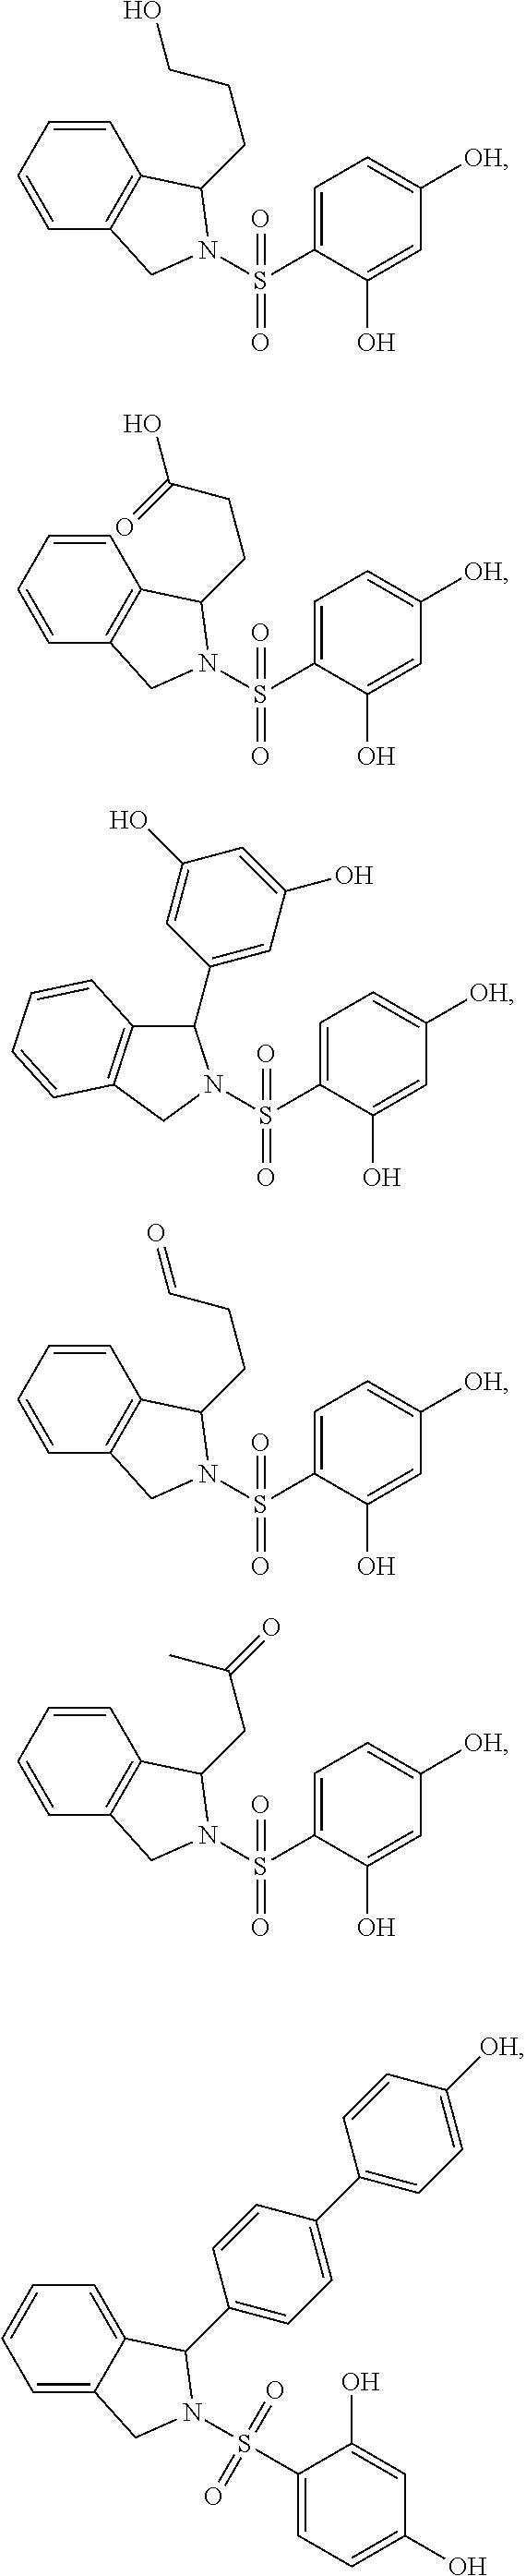 Figure US10167258-20190101-C00043